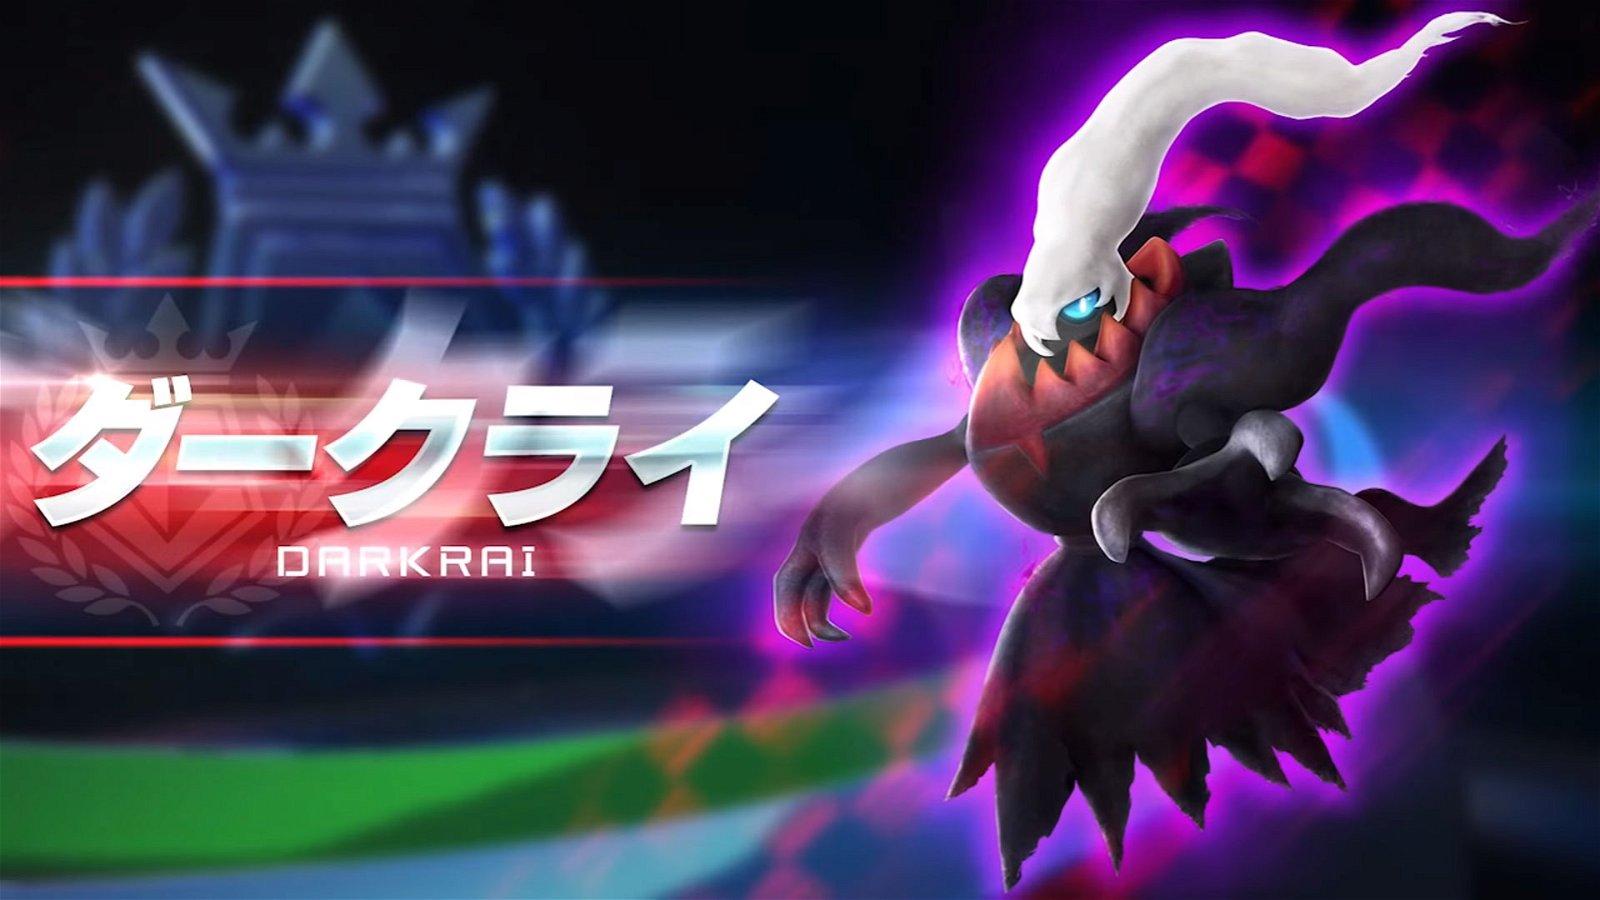 Darkrai Is Coming To Pokken Tournament